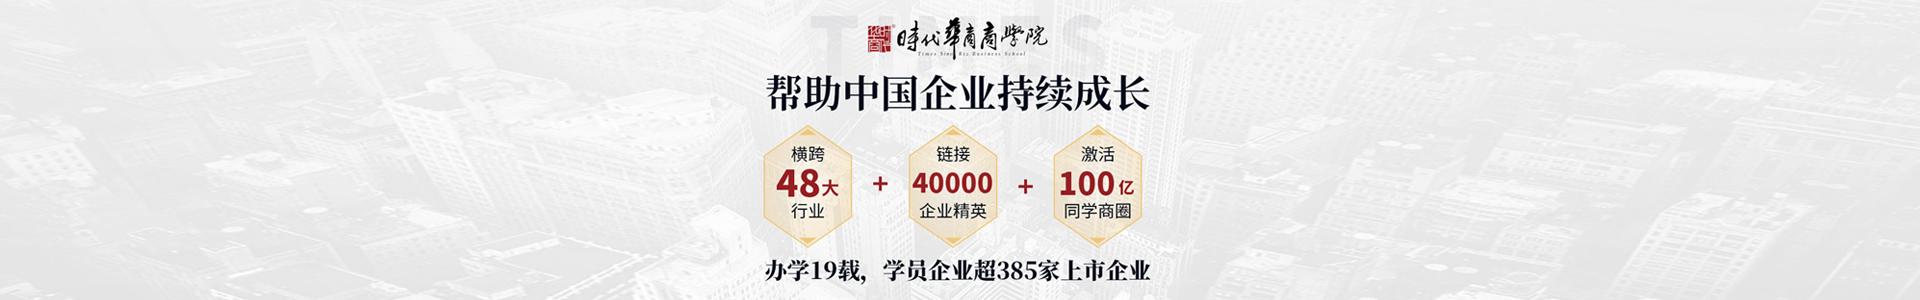 廣州時代華商MBA商學院